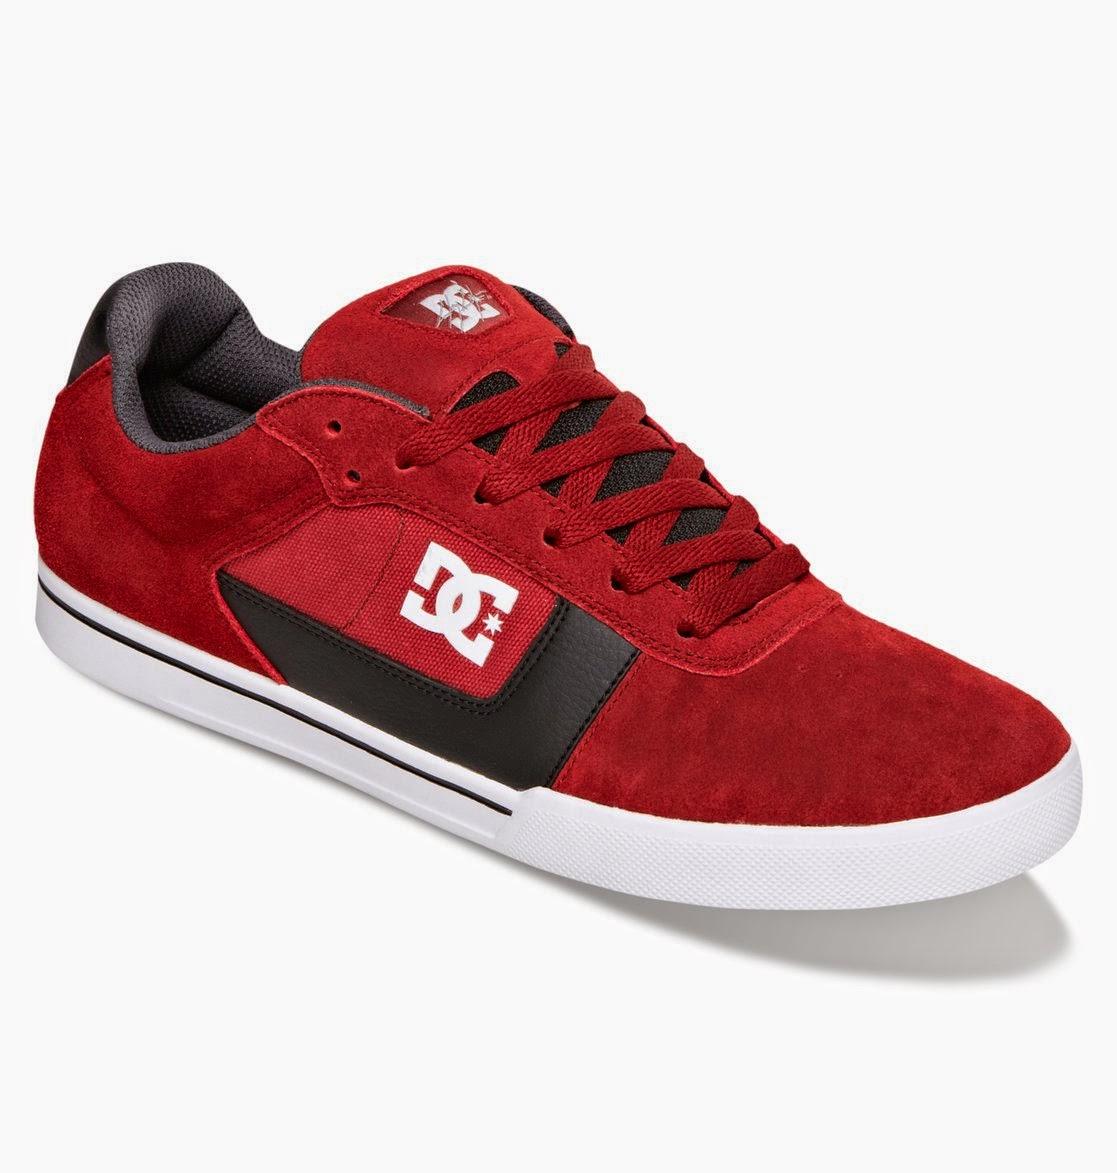 éS Footwear - Zapatillas para hombre US, color marrón, talla 11 US